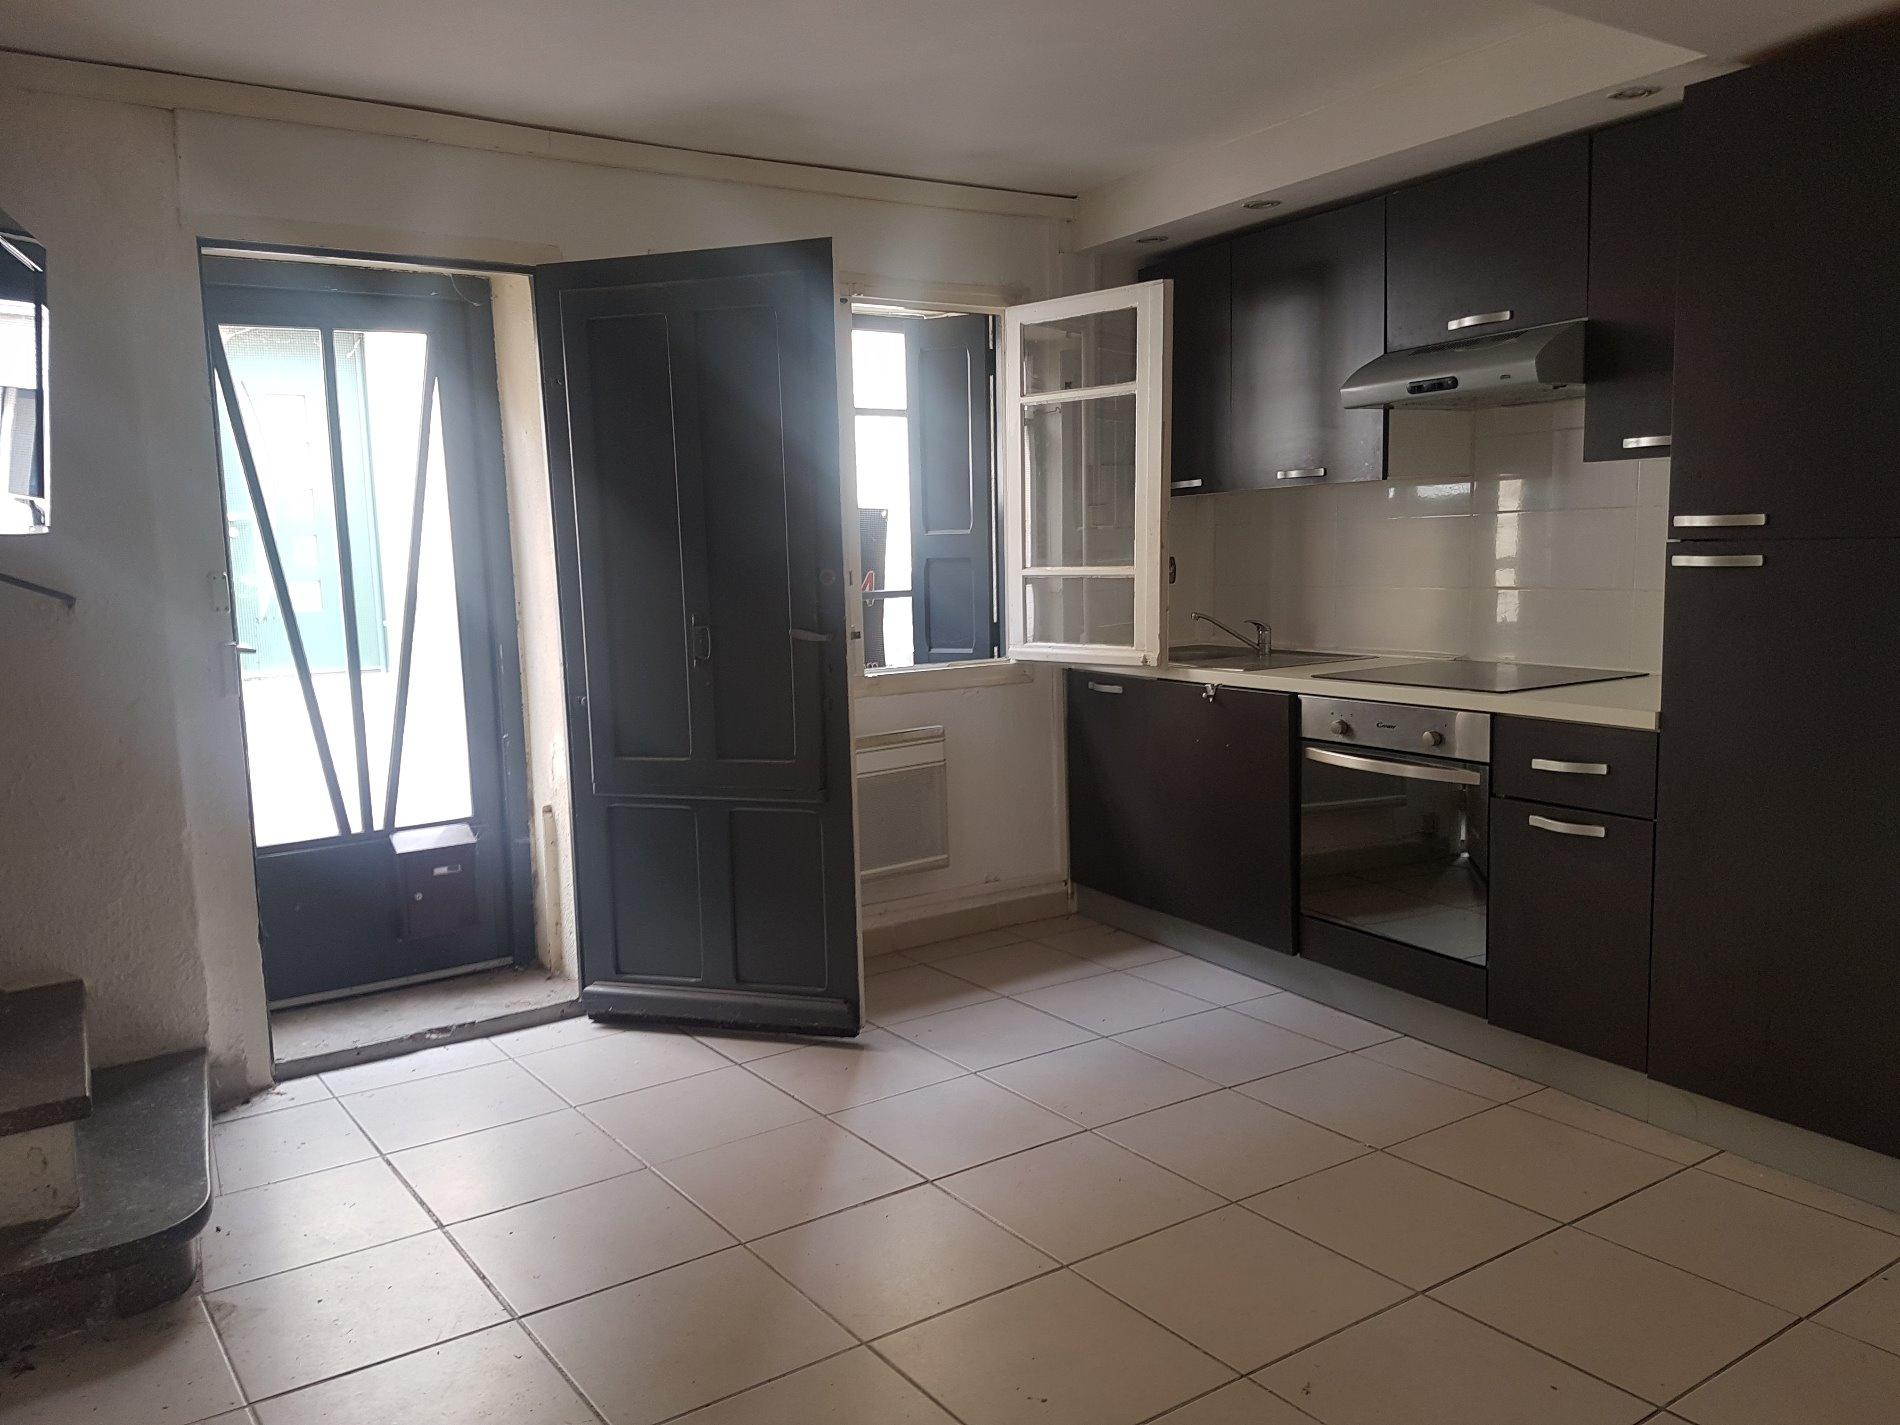 Offres de vente Maison de village Argelès-sur-Mer 66700